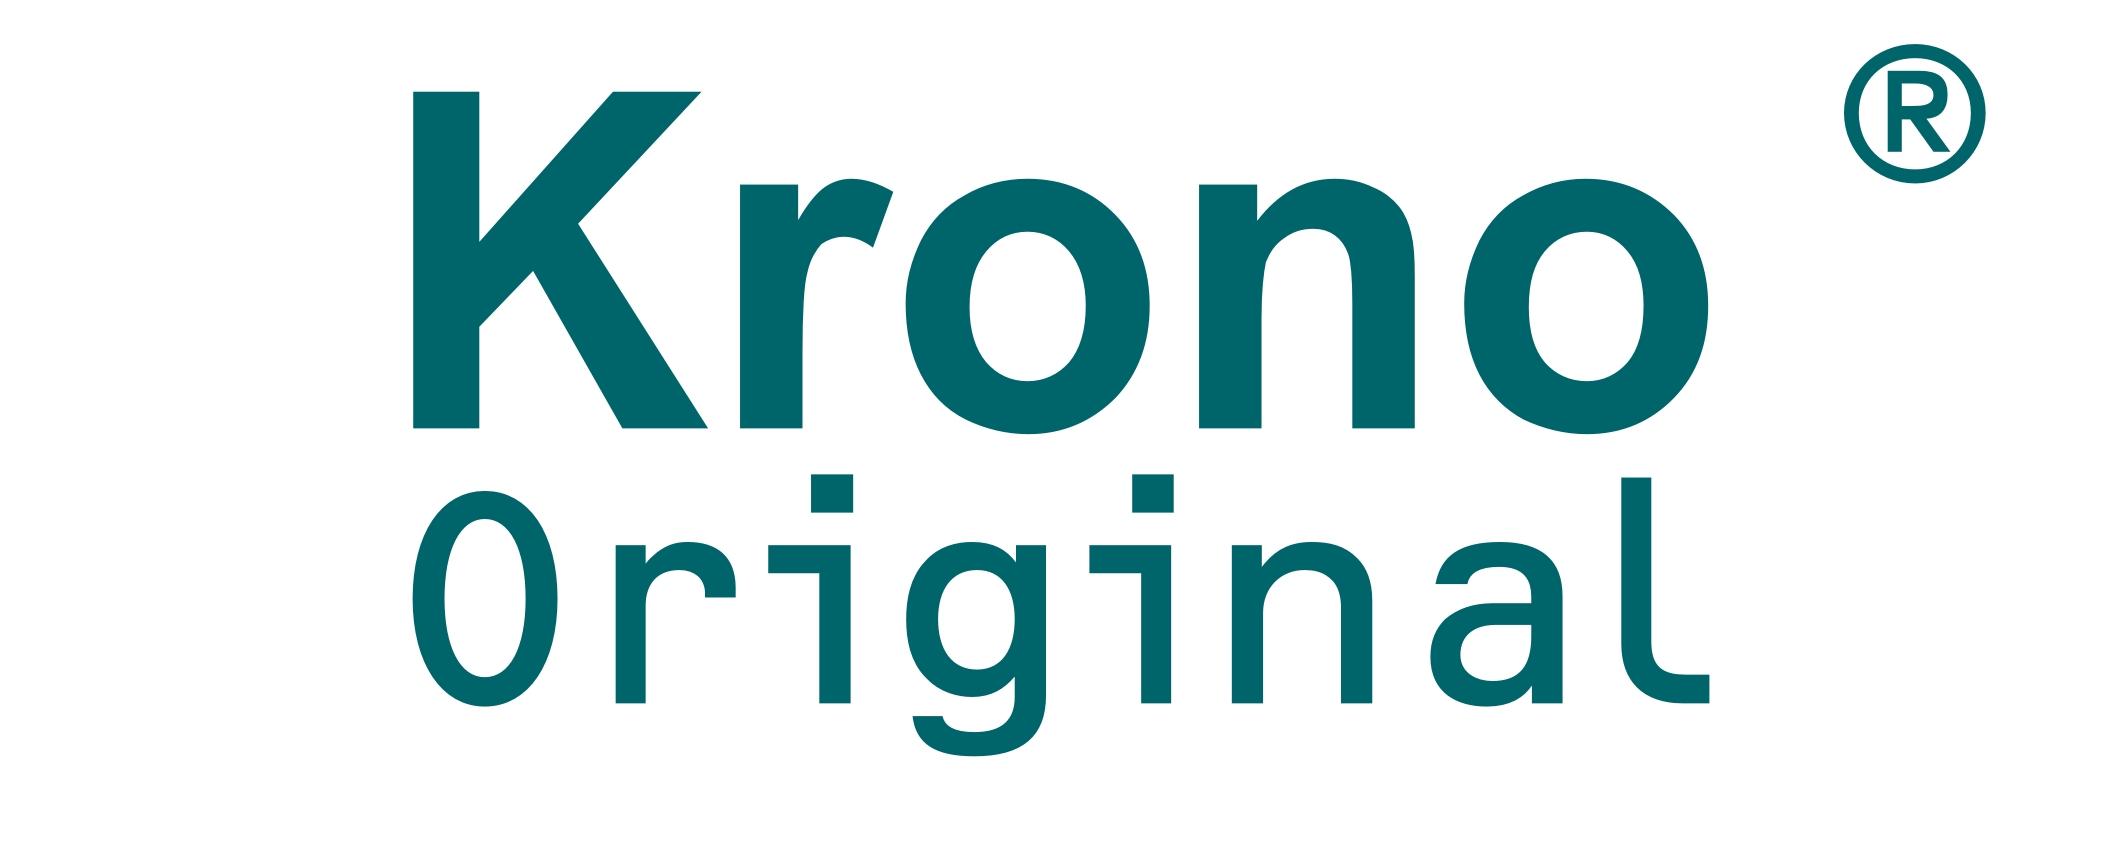 krono original logo.jpg